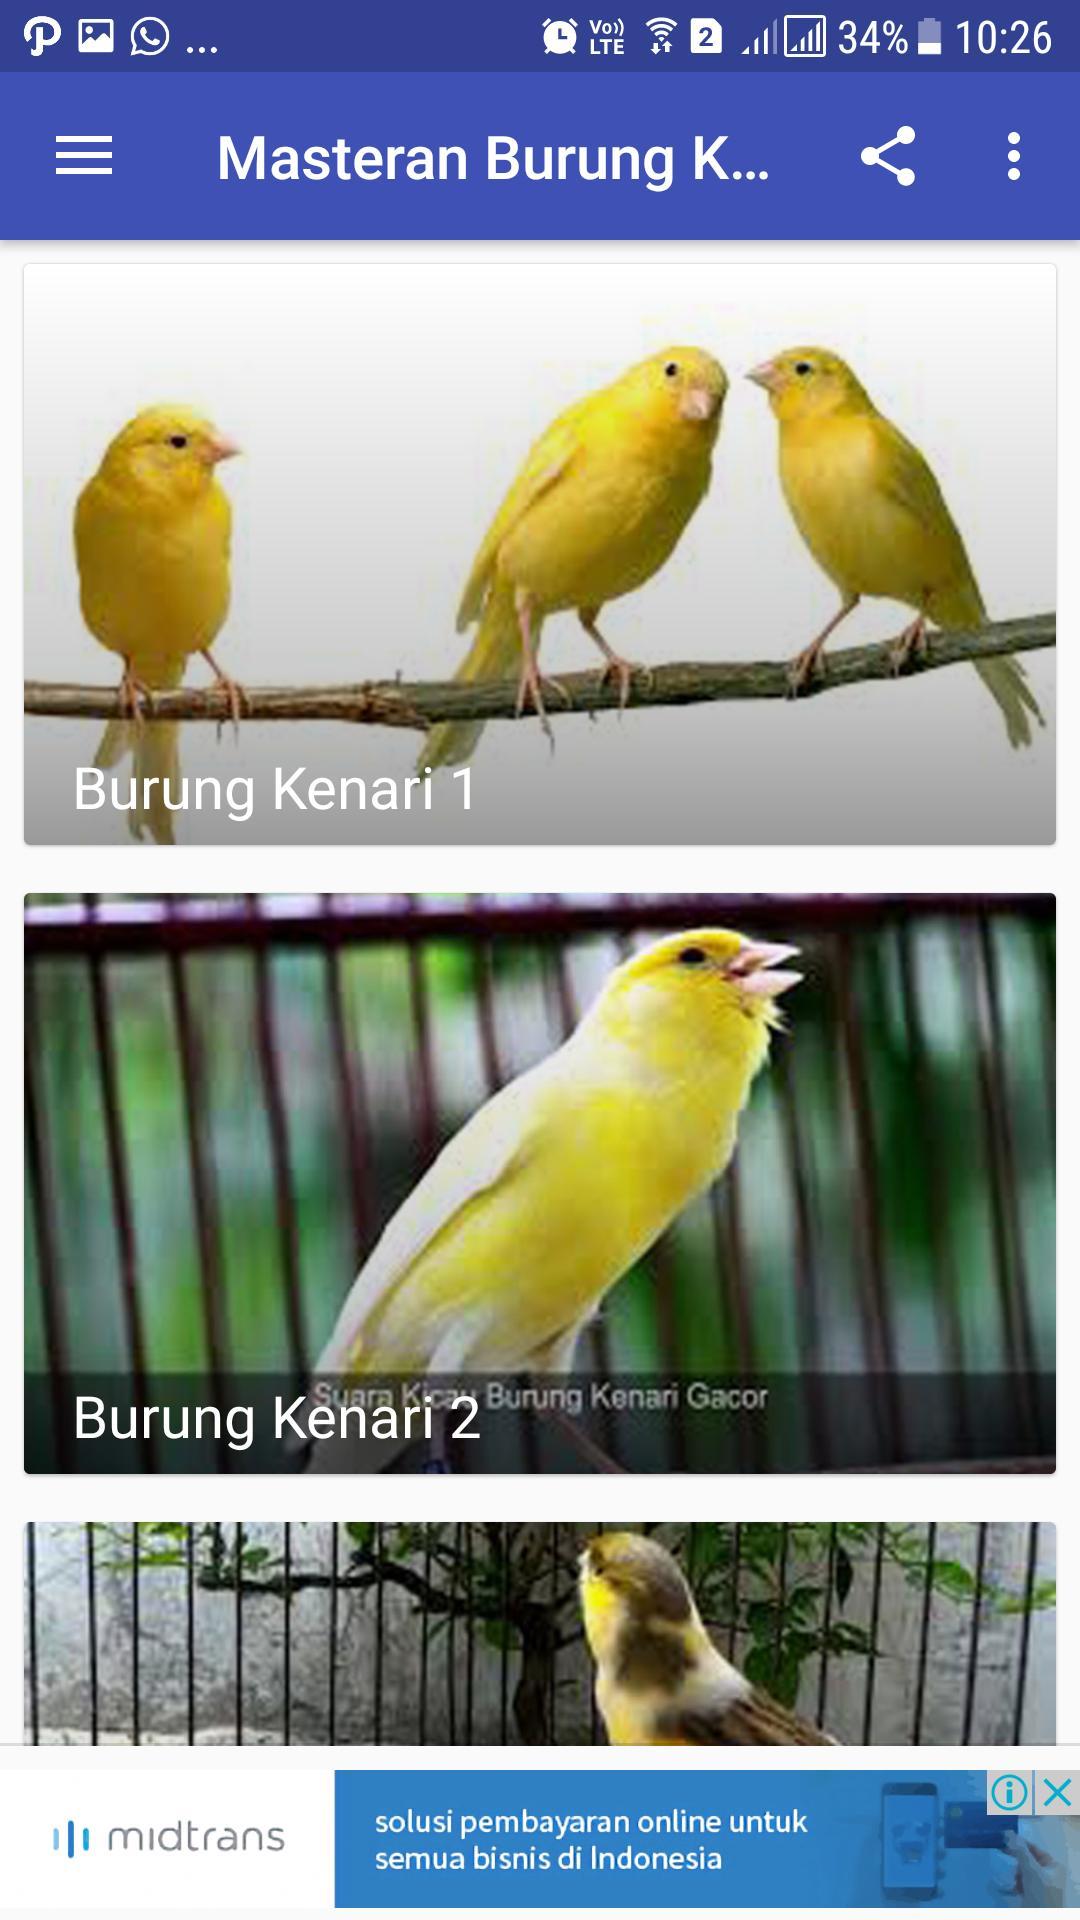 Masteran Burung Kenari For Android Apk Download